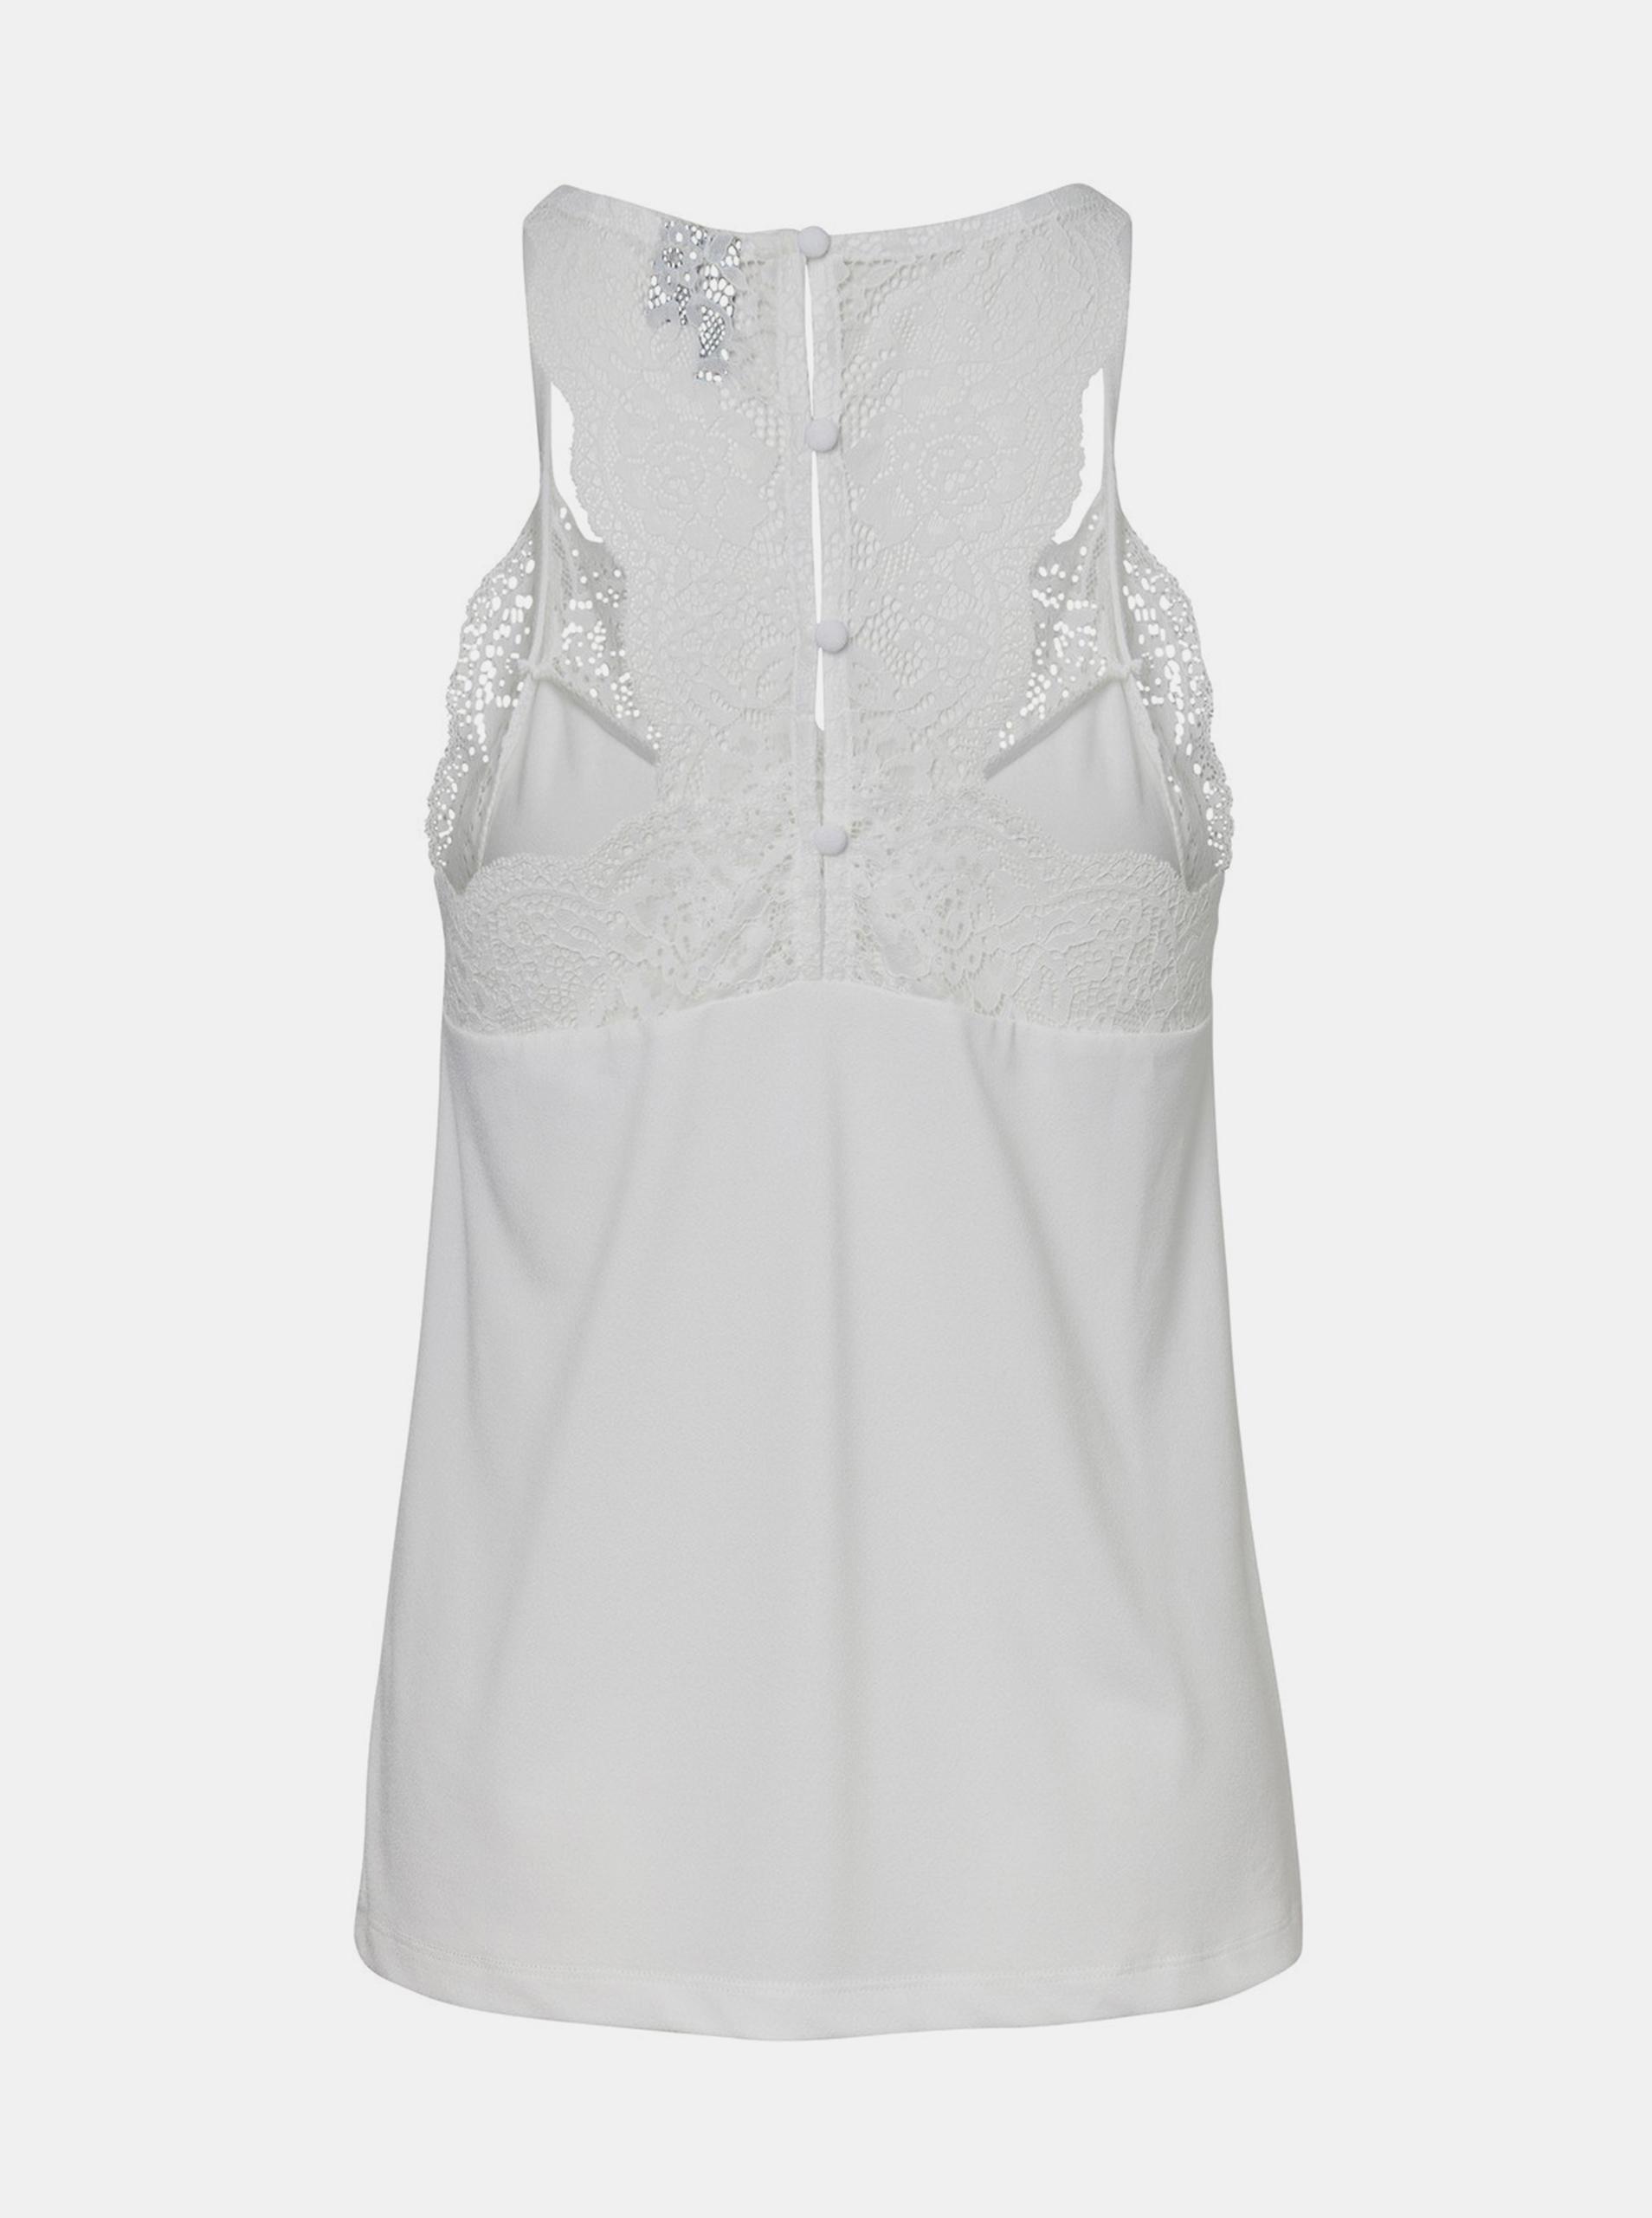 Vero Moda bijela top Ana